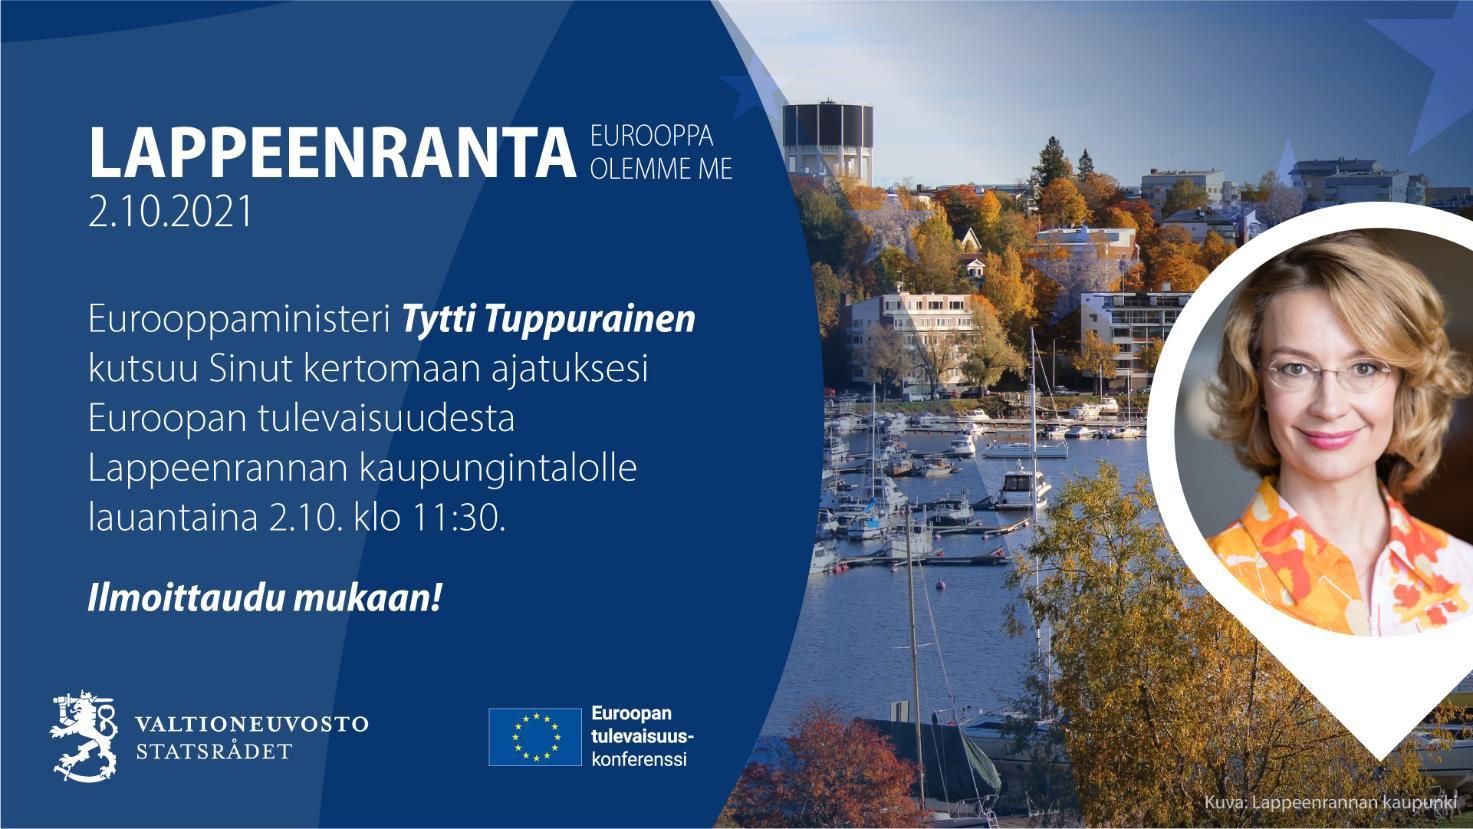 Tapahtumailmoitus, jossa on kuvat Lappeenrannan satamasta sekä Tytti Tuppuraisesta.